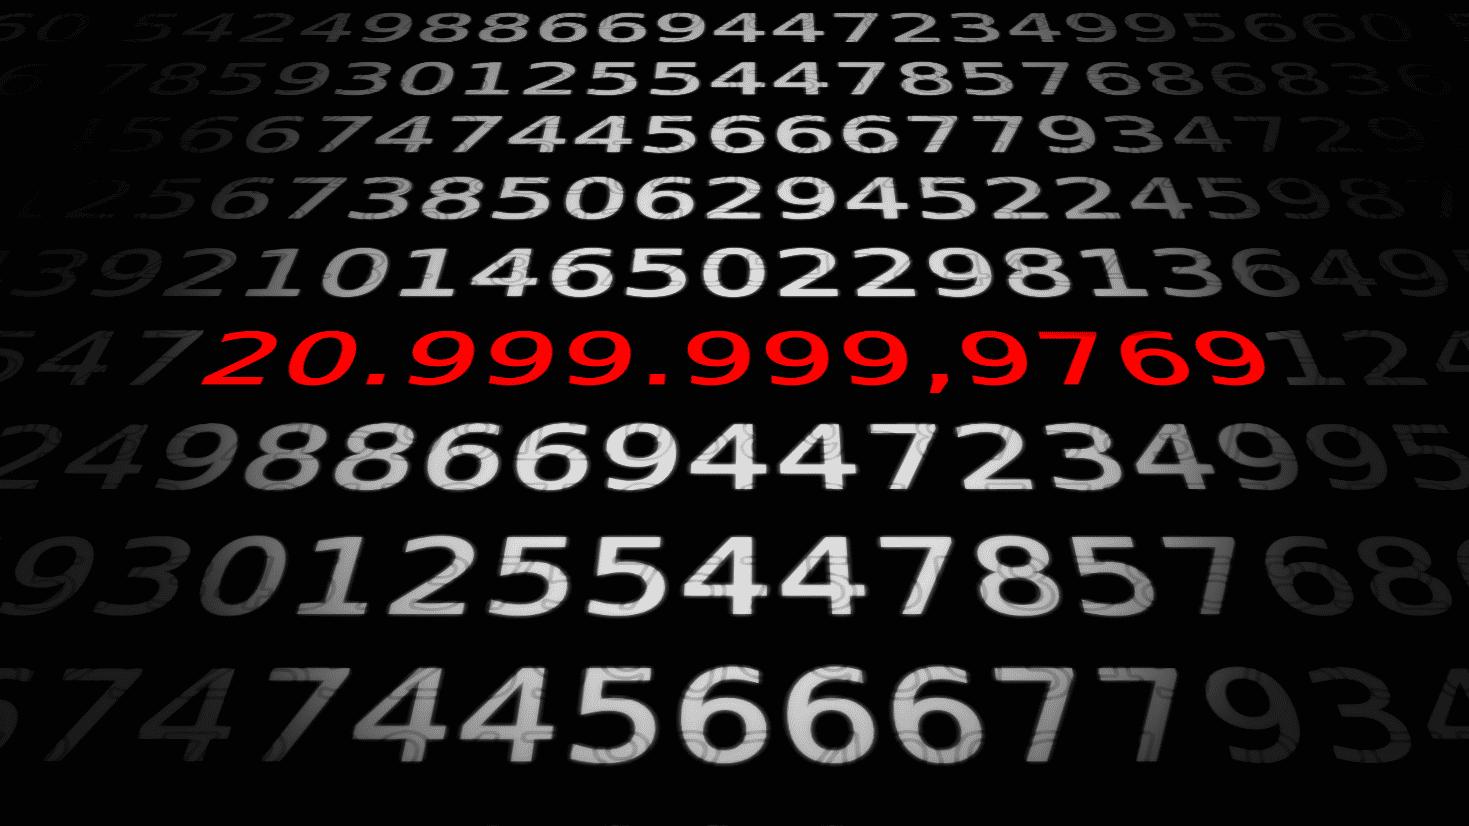 Zahlen, bitte! Wie viele Bitcoins gibt es eigentlich?